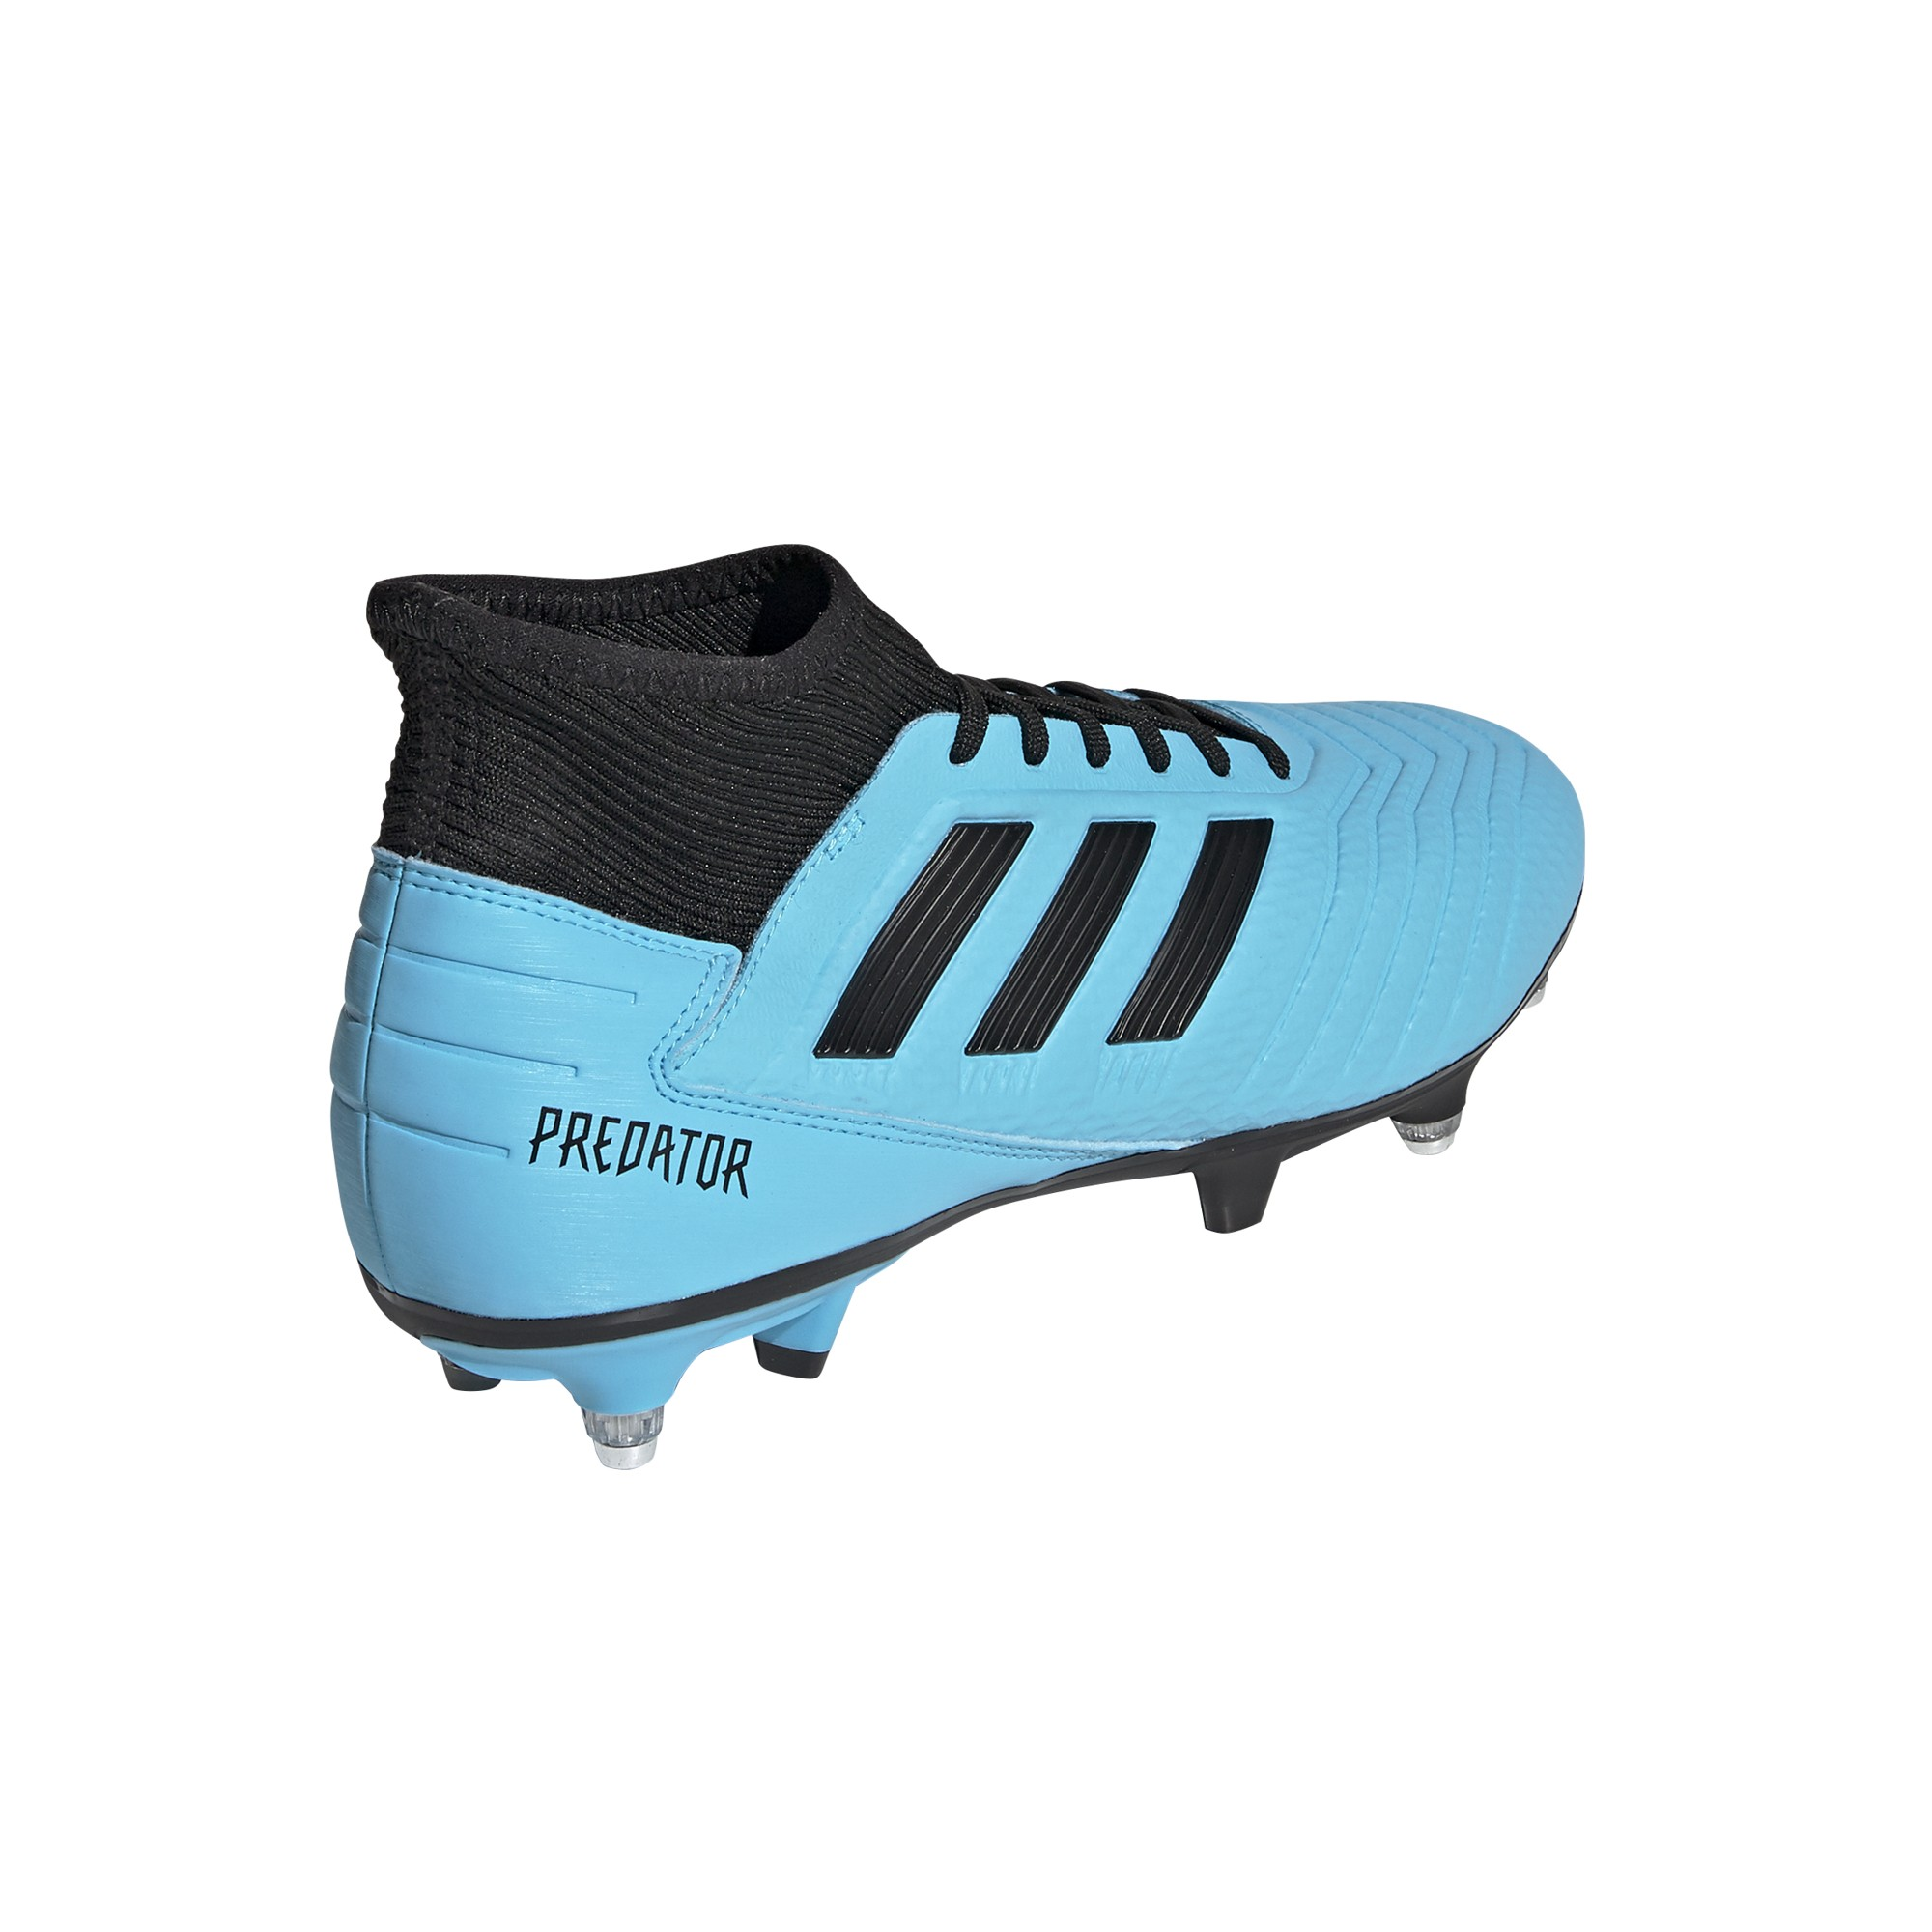 calcio ADIDAS scarpe da calcio predator 19.3 sg azzurro nero uomo e